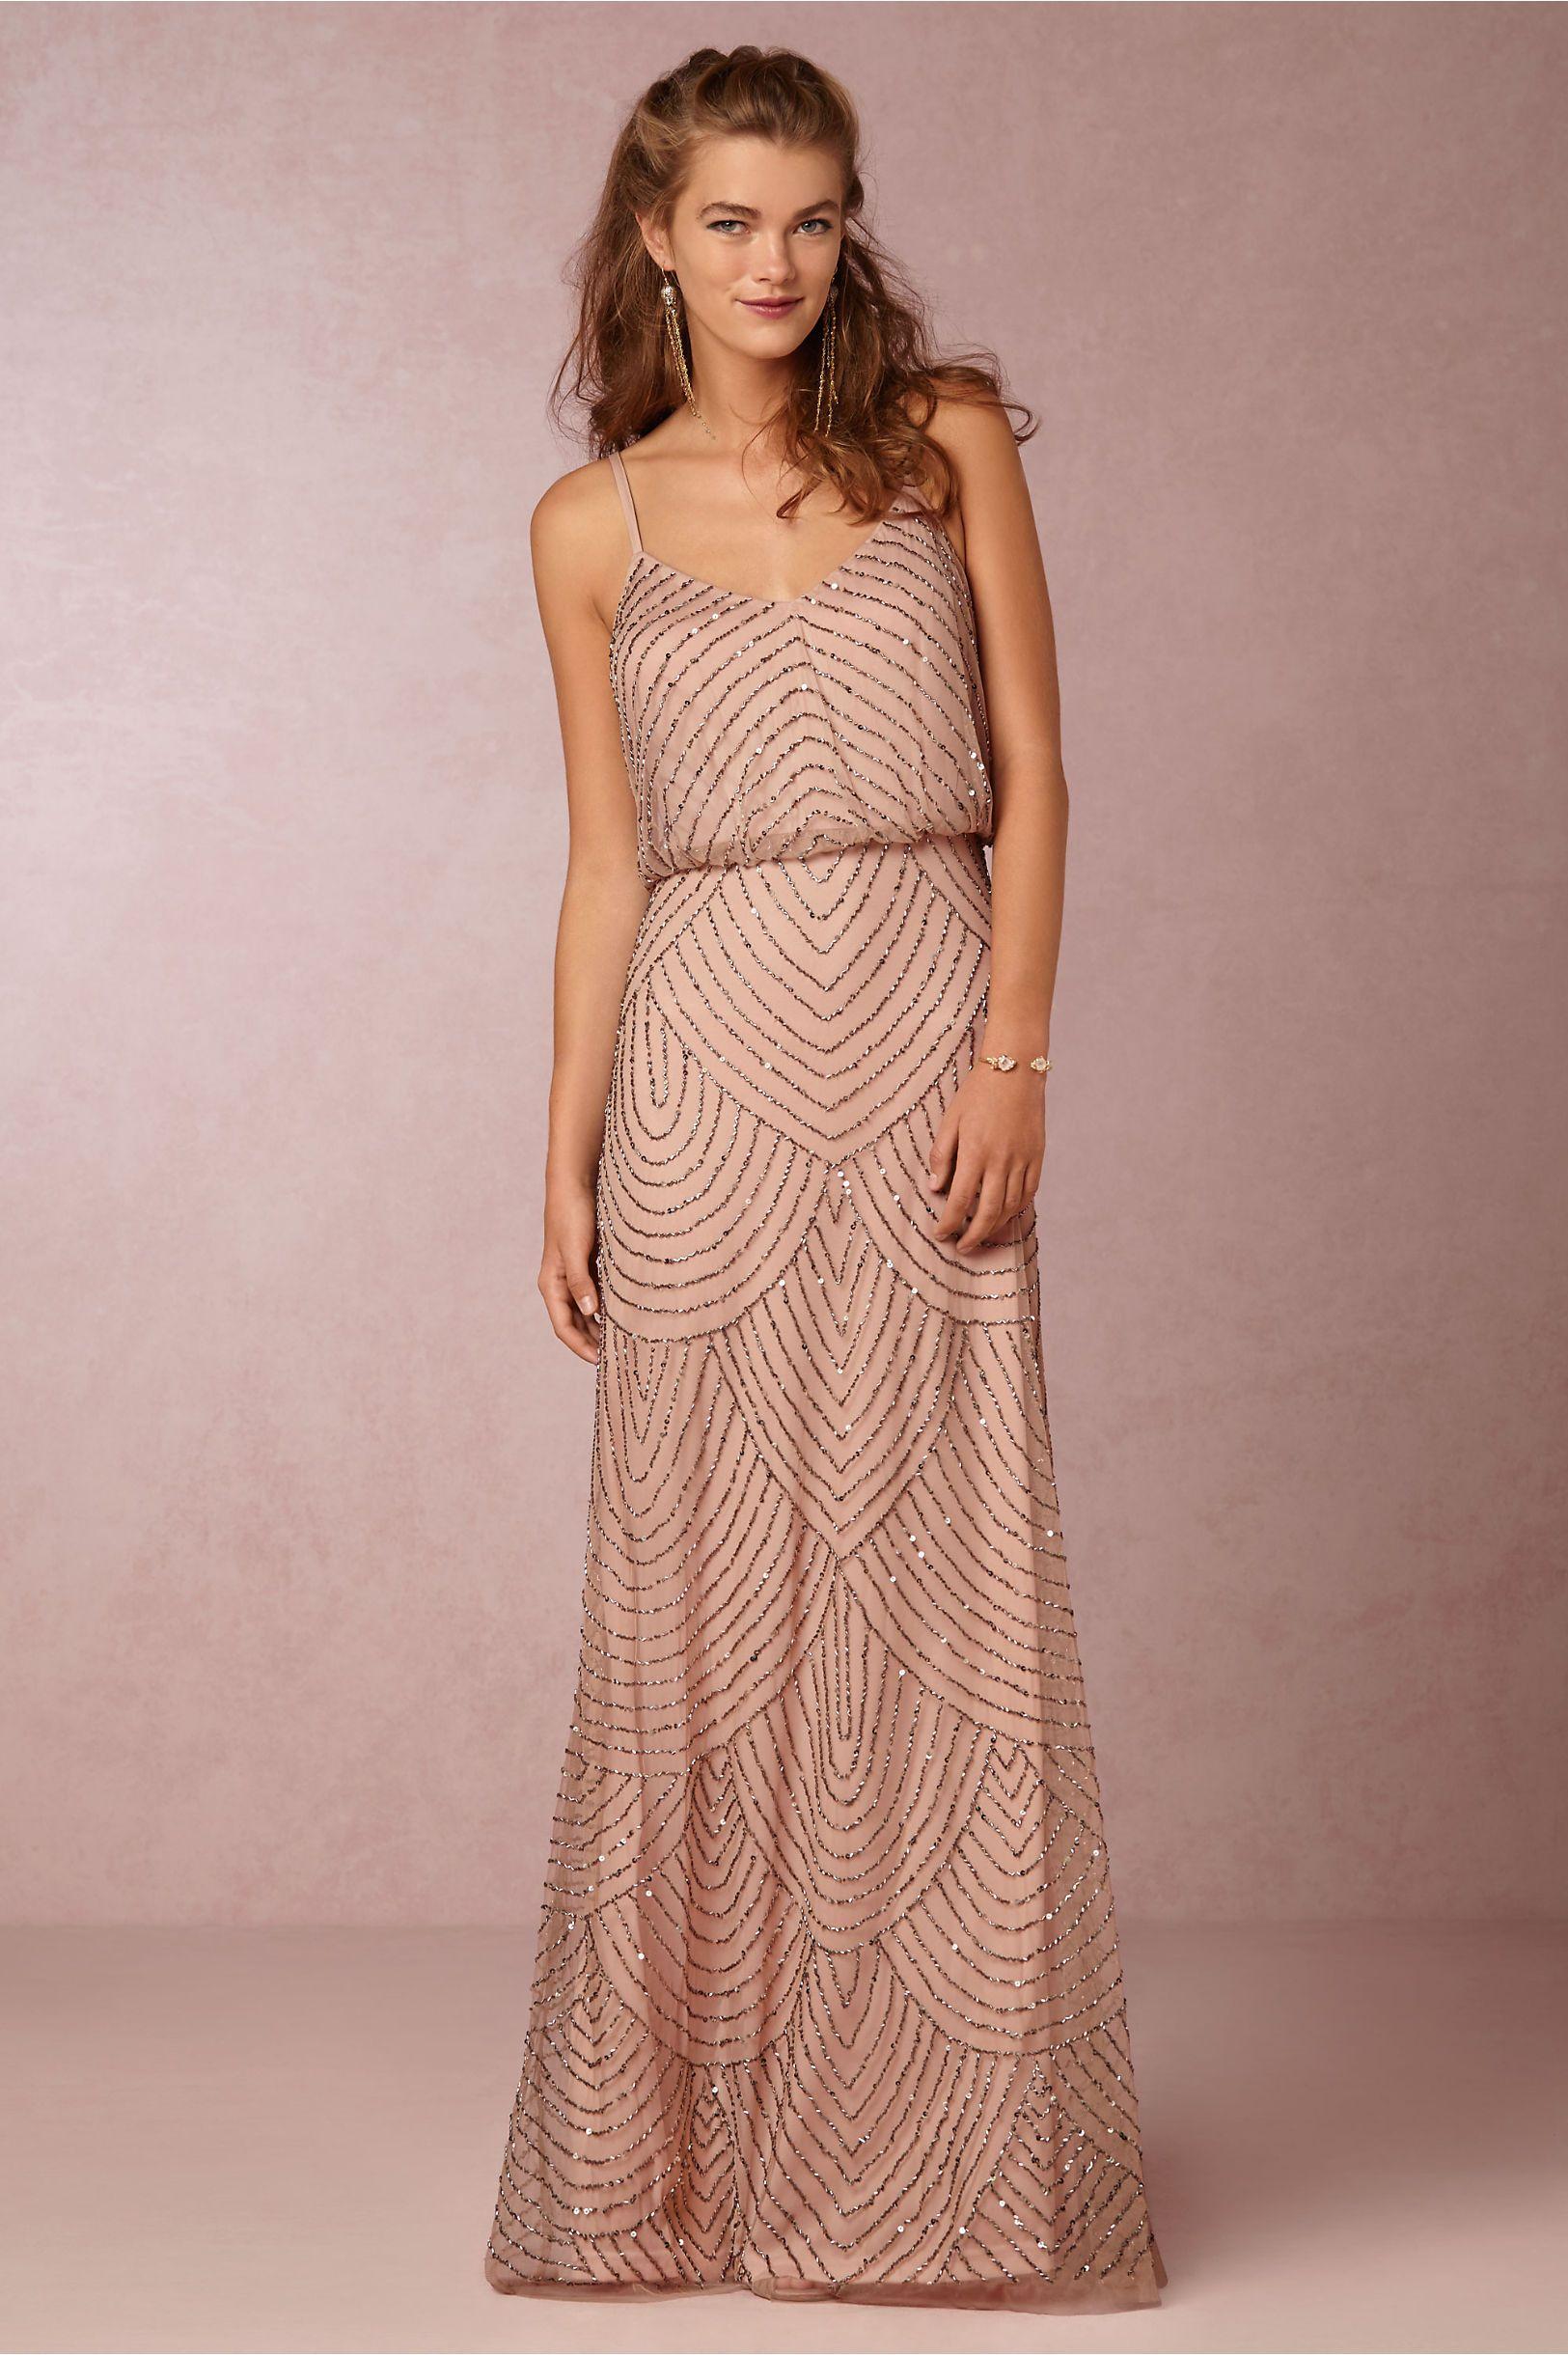 BHLDN Obreanna Dress Taupe/Pink 4 Size 4 | Brautkleider und Kleider